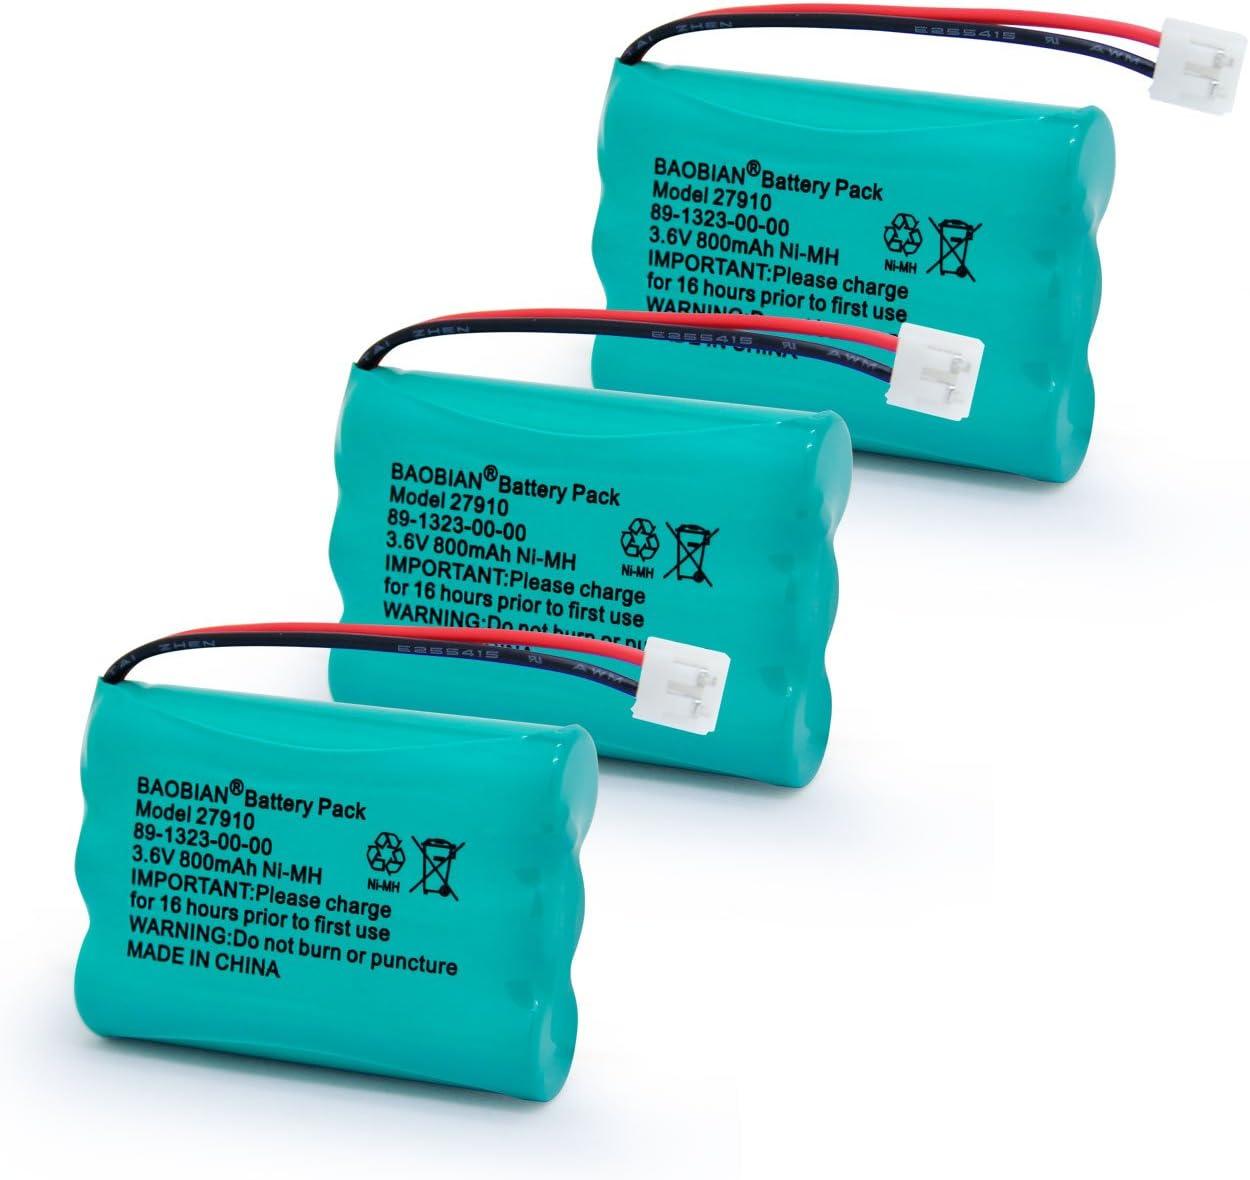 Pack de 3 baterías Recargables 27910 para teléfono V-Tech 89-1323-00-00 Vtech 27910 I6725 Motorola SD-7501 RadioShack 23-959 BAOBIAN: Amazon.es: Electrónica